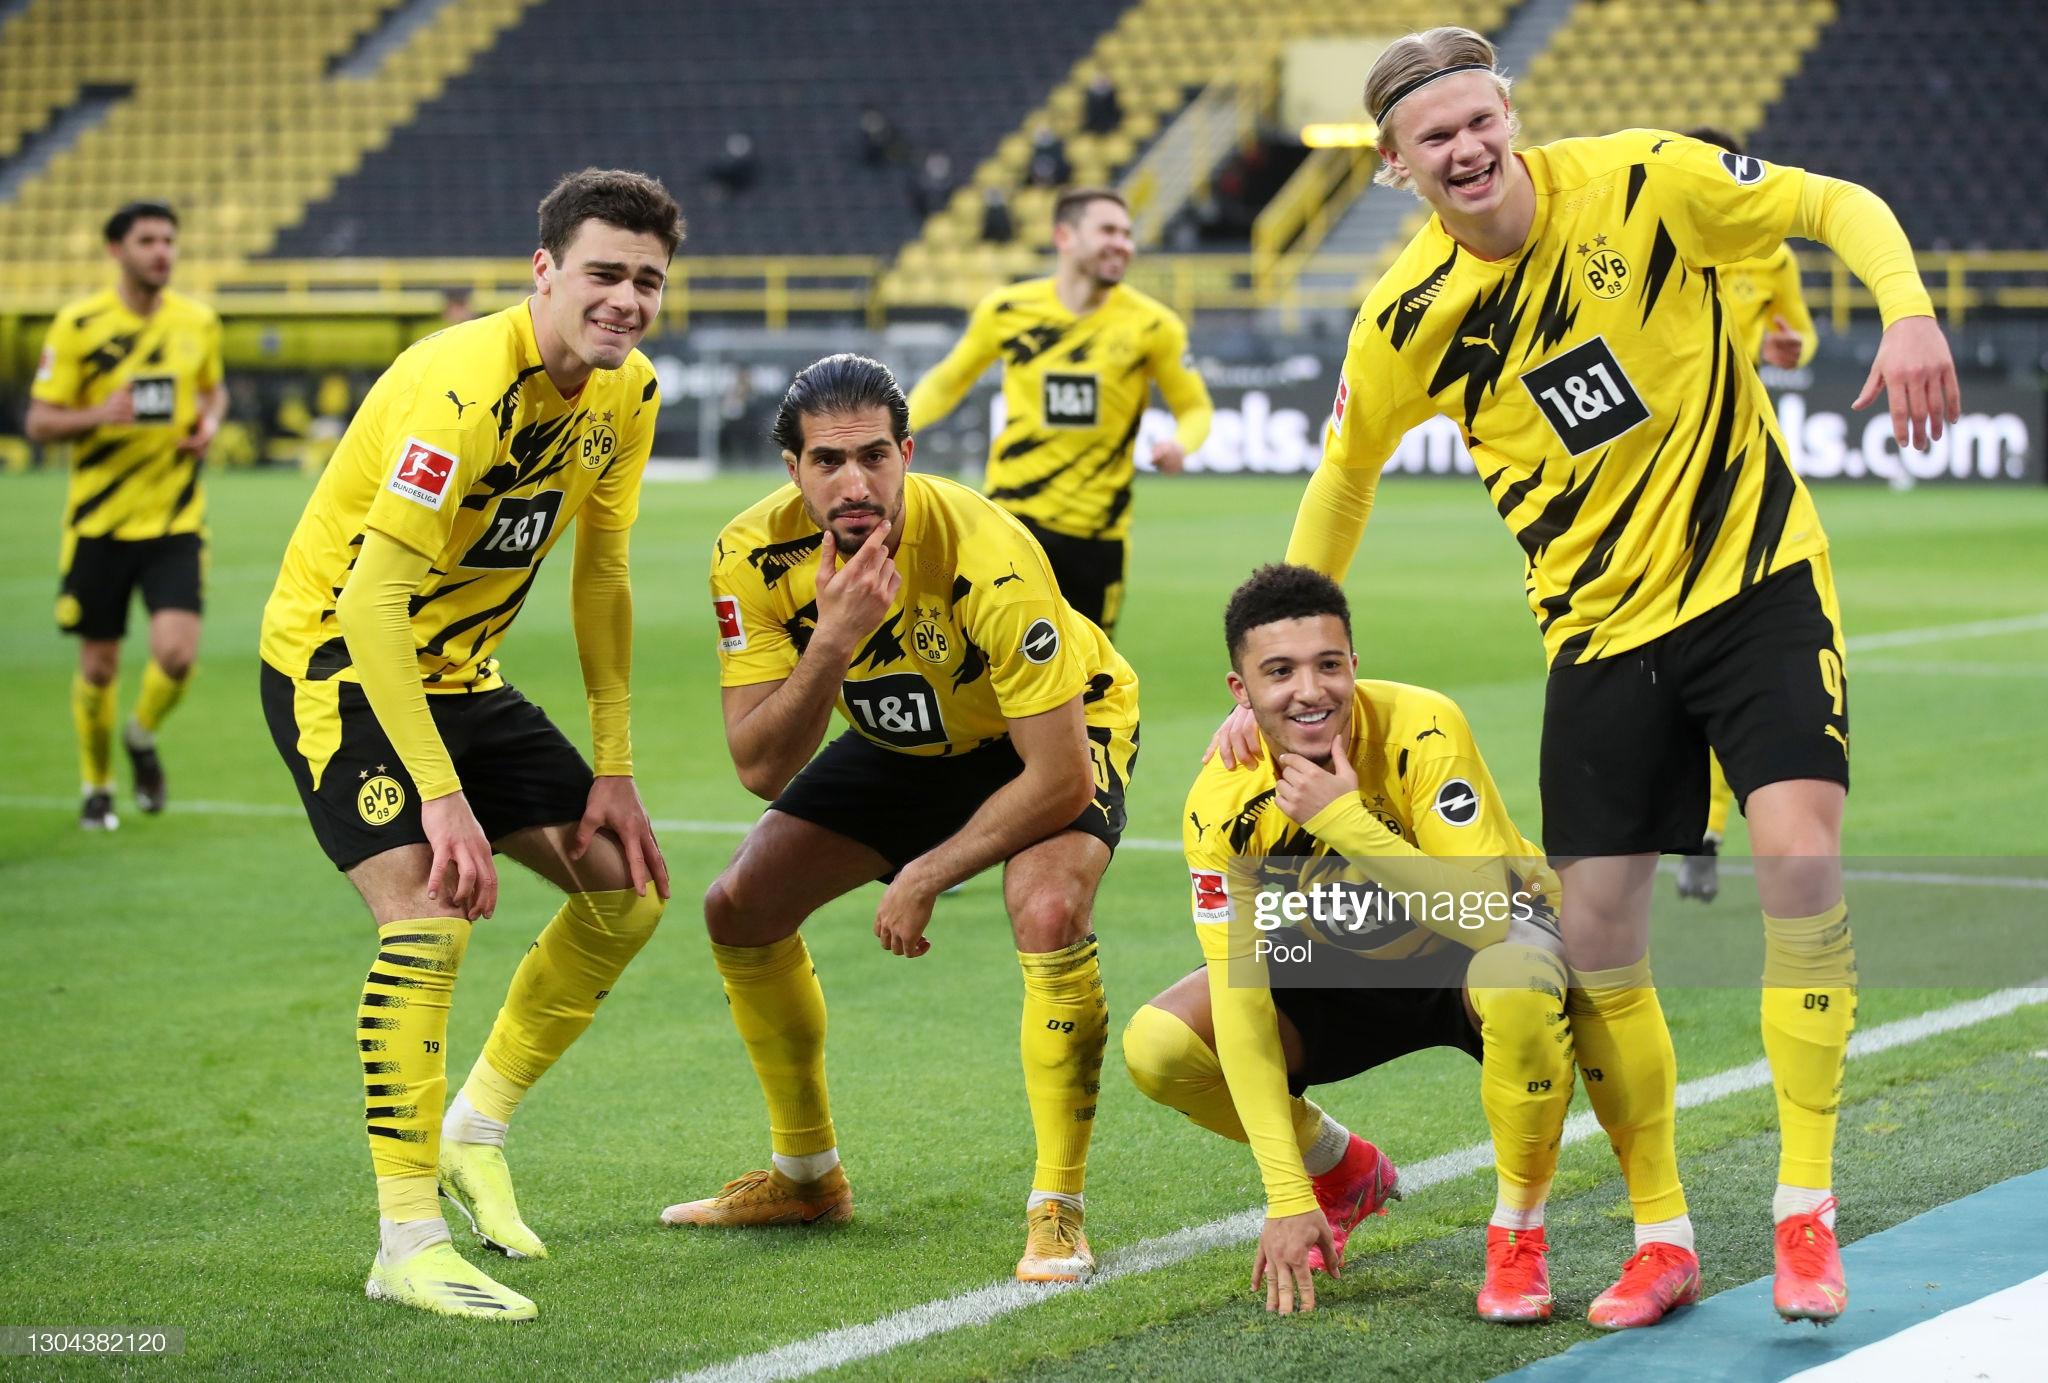 Borussia Monchengladbach vs Borussia Dortmund